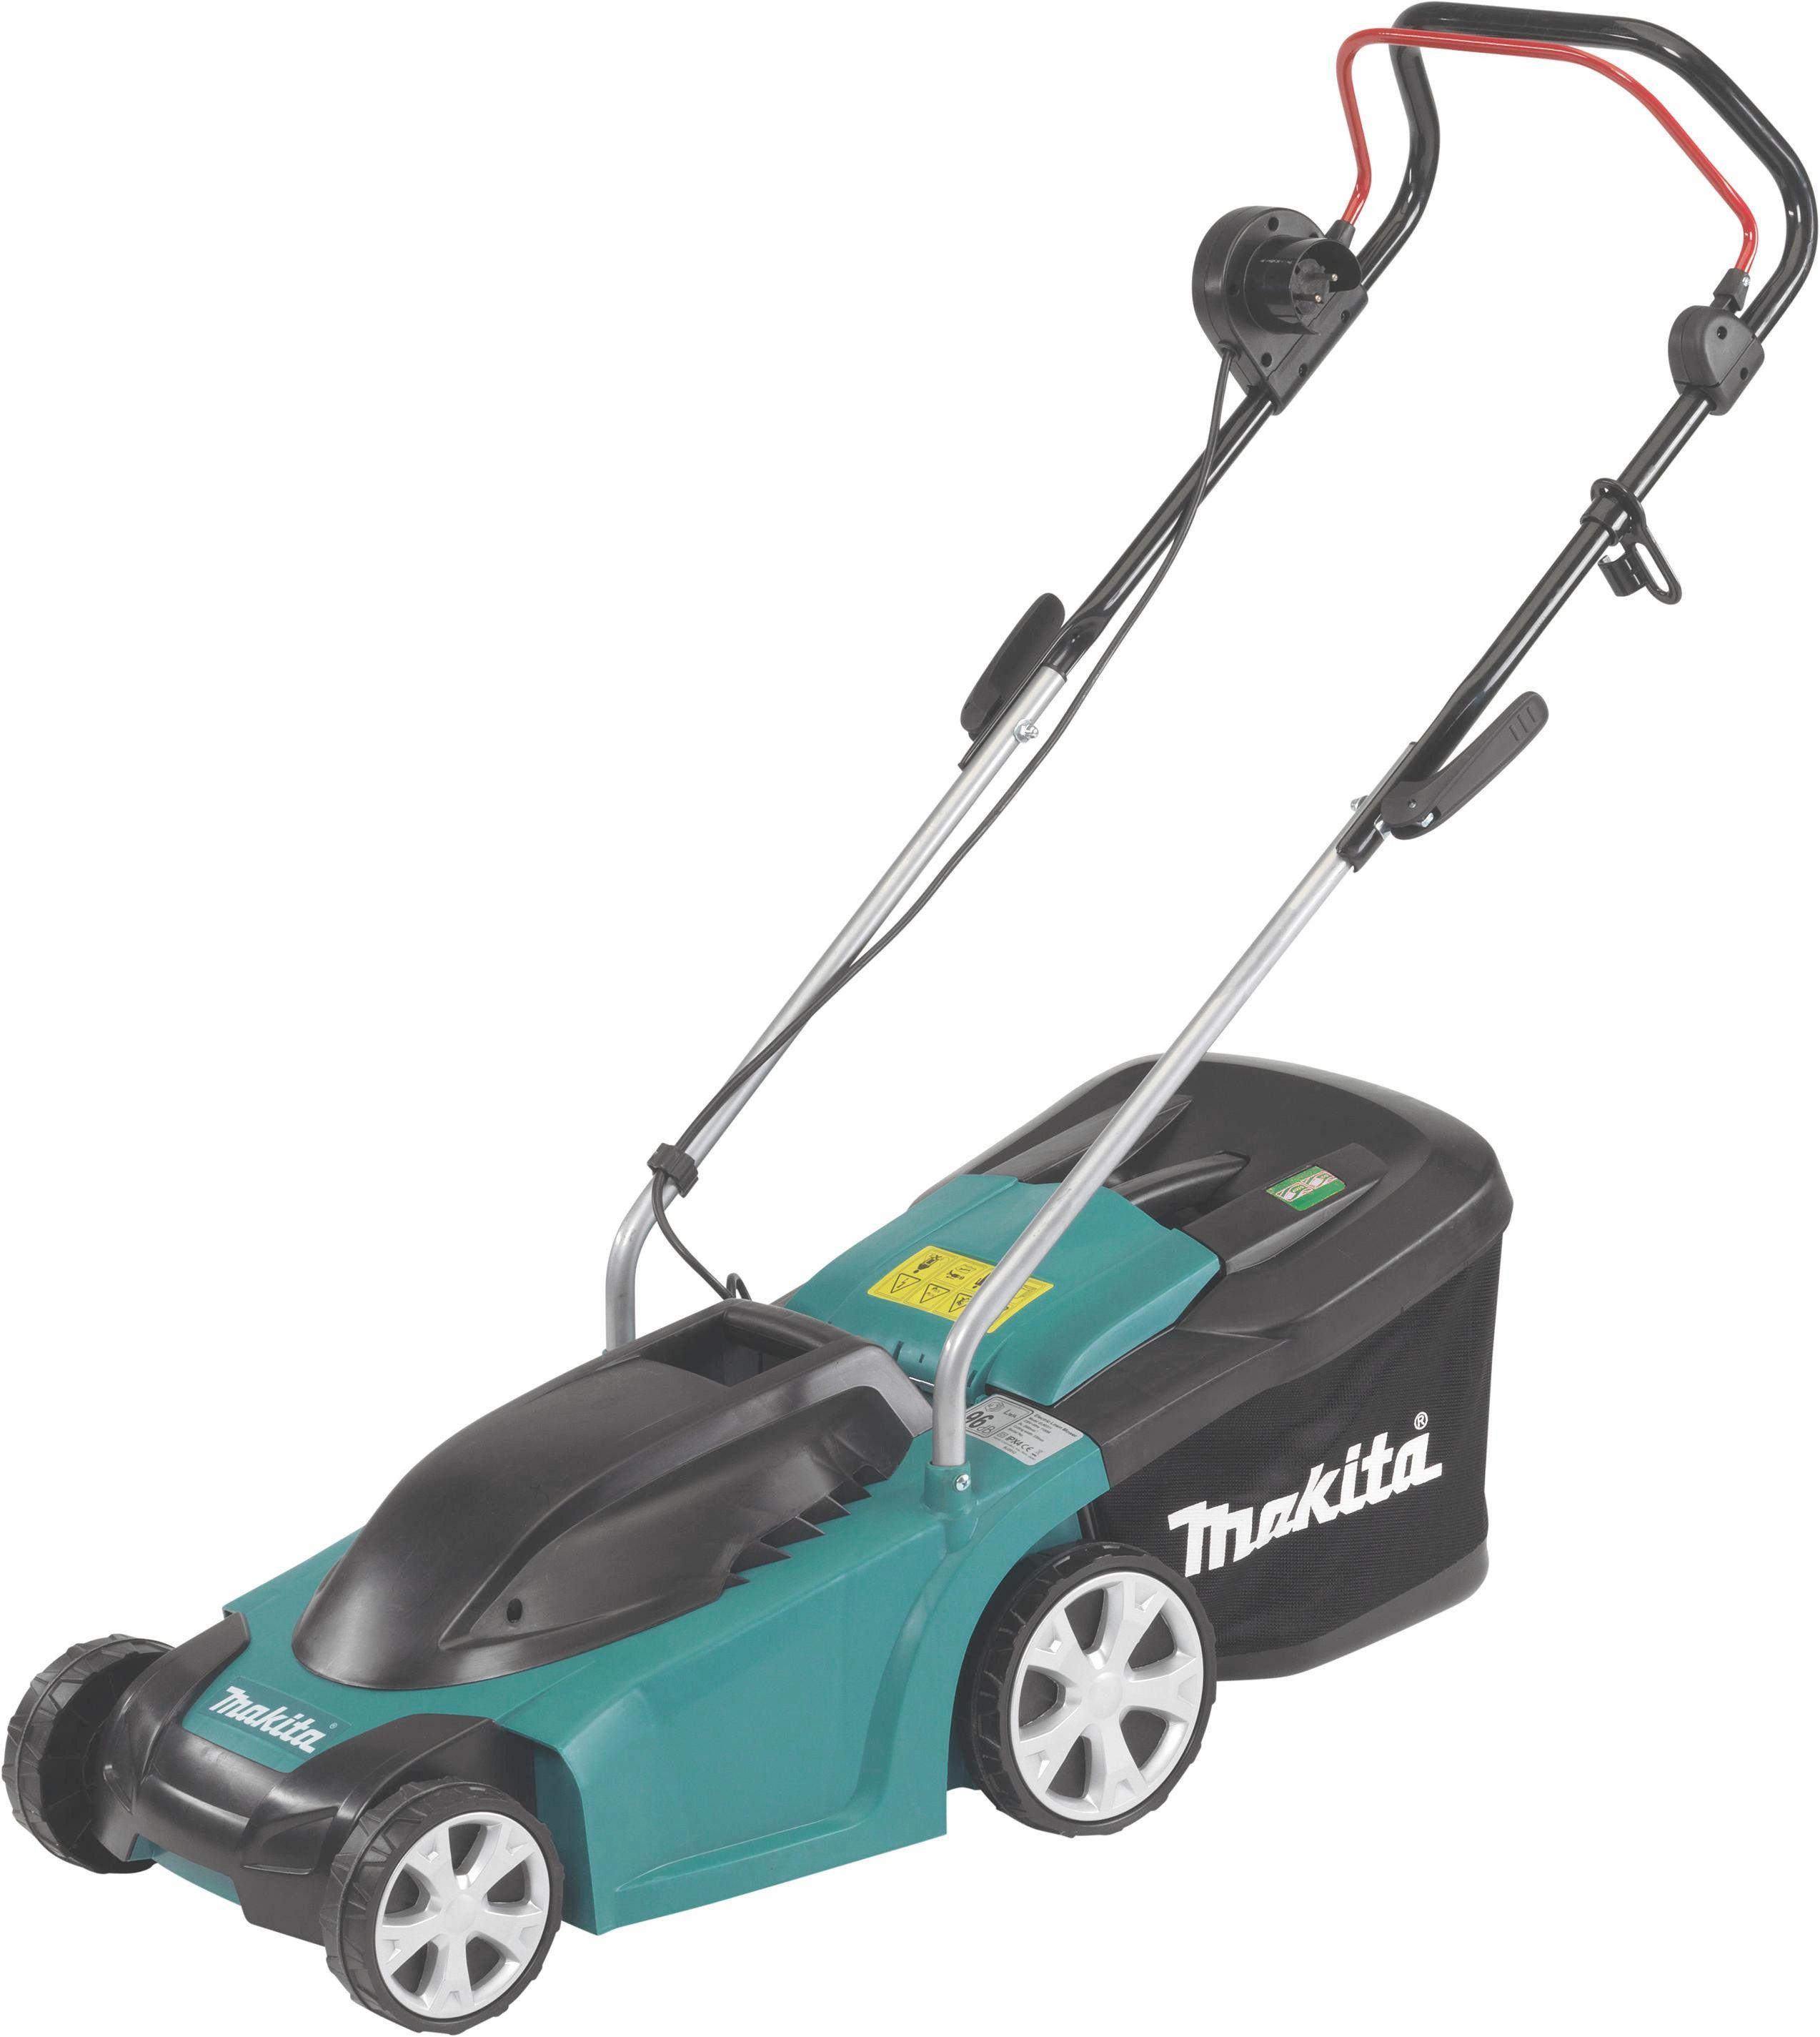 Makita Elektro-Rasenmäher ELM3711 - Kunststoff/Textil (14,9kg) - Makita